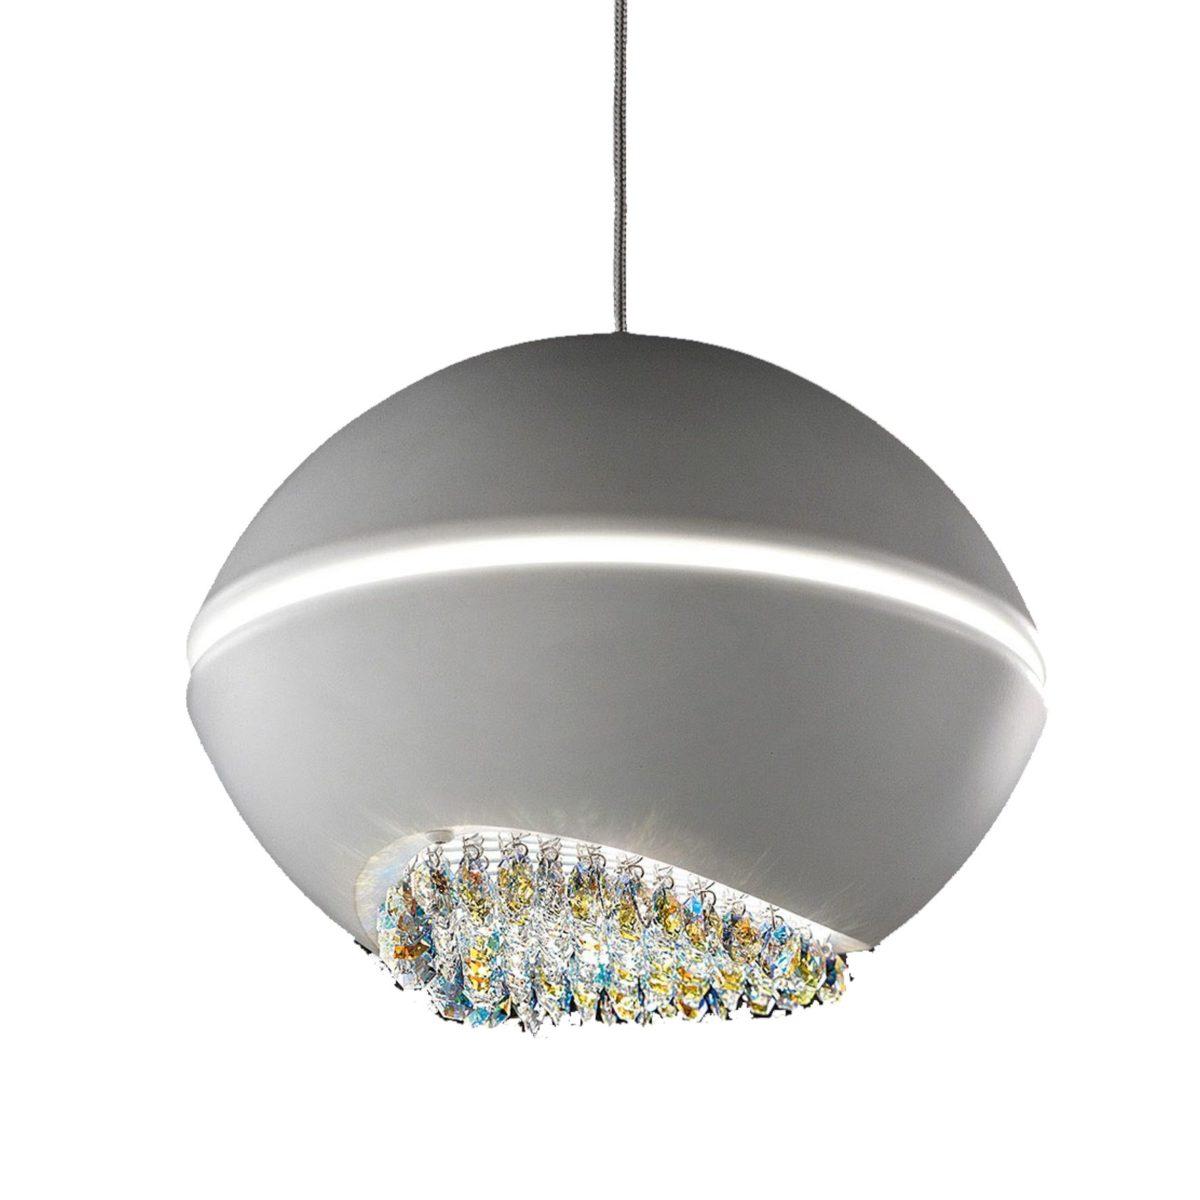 купить люстра BLINK LED S 60 masiero в сочи